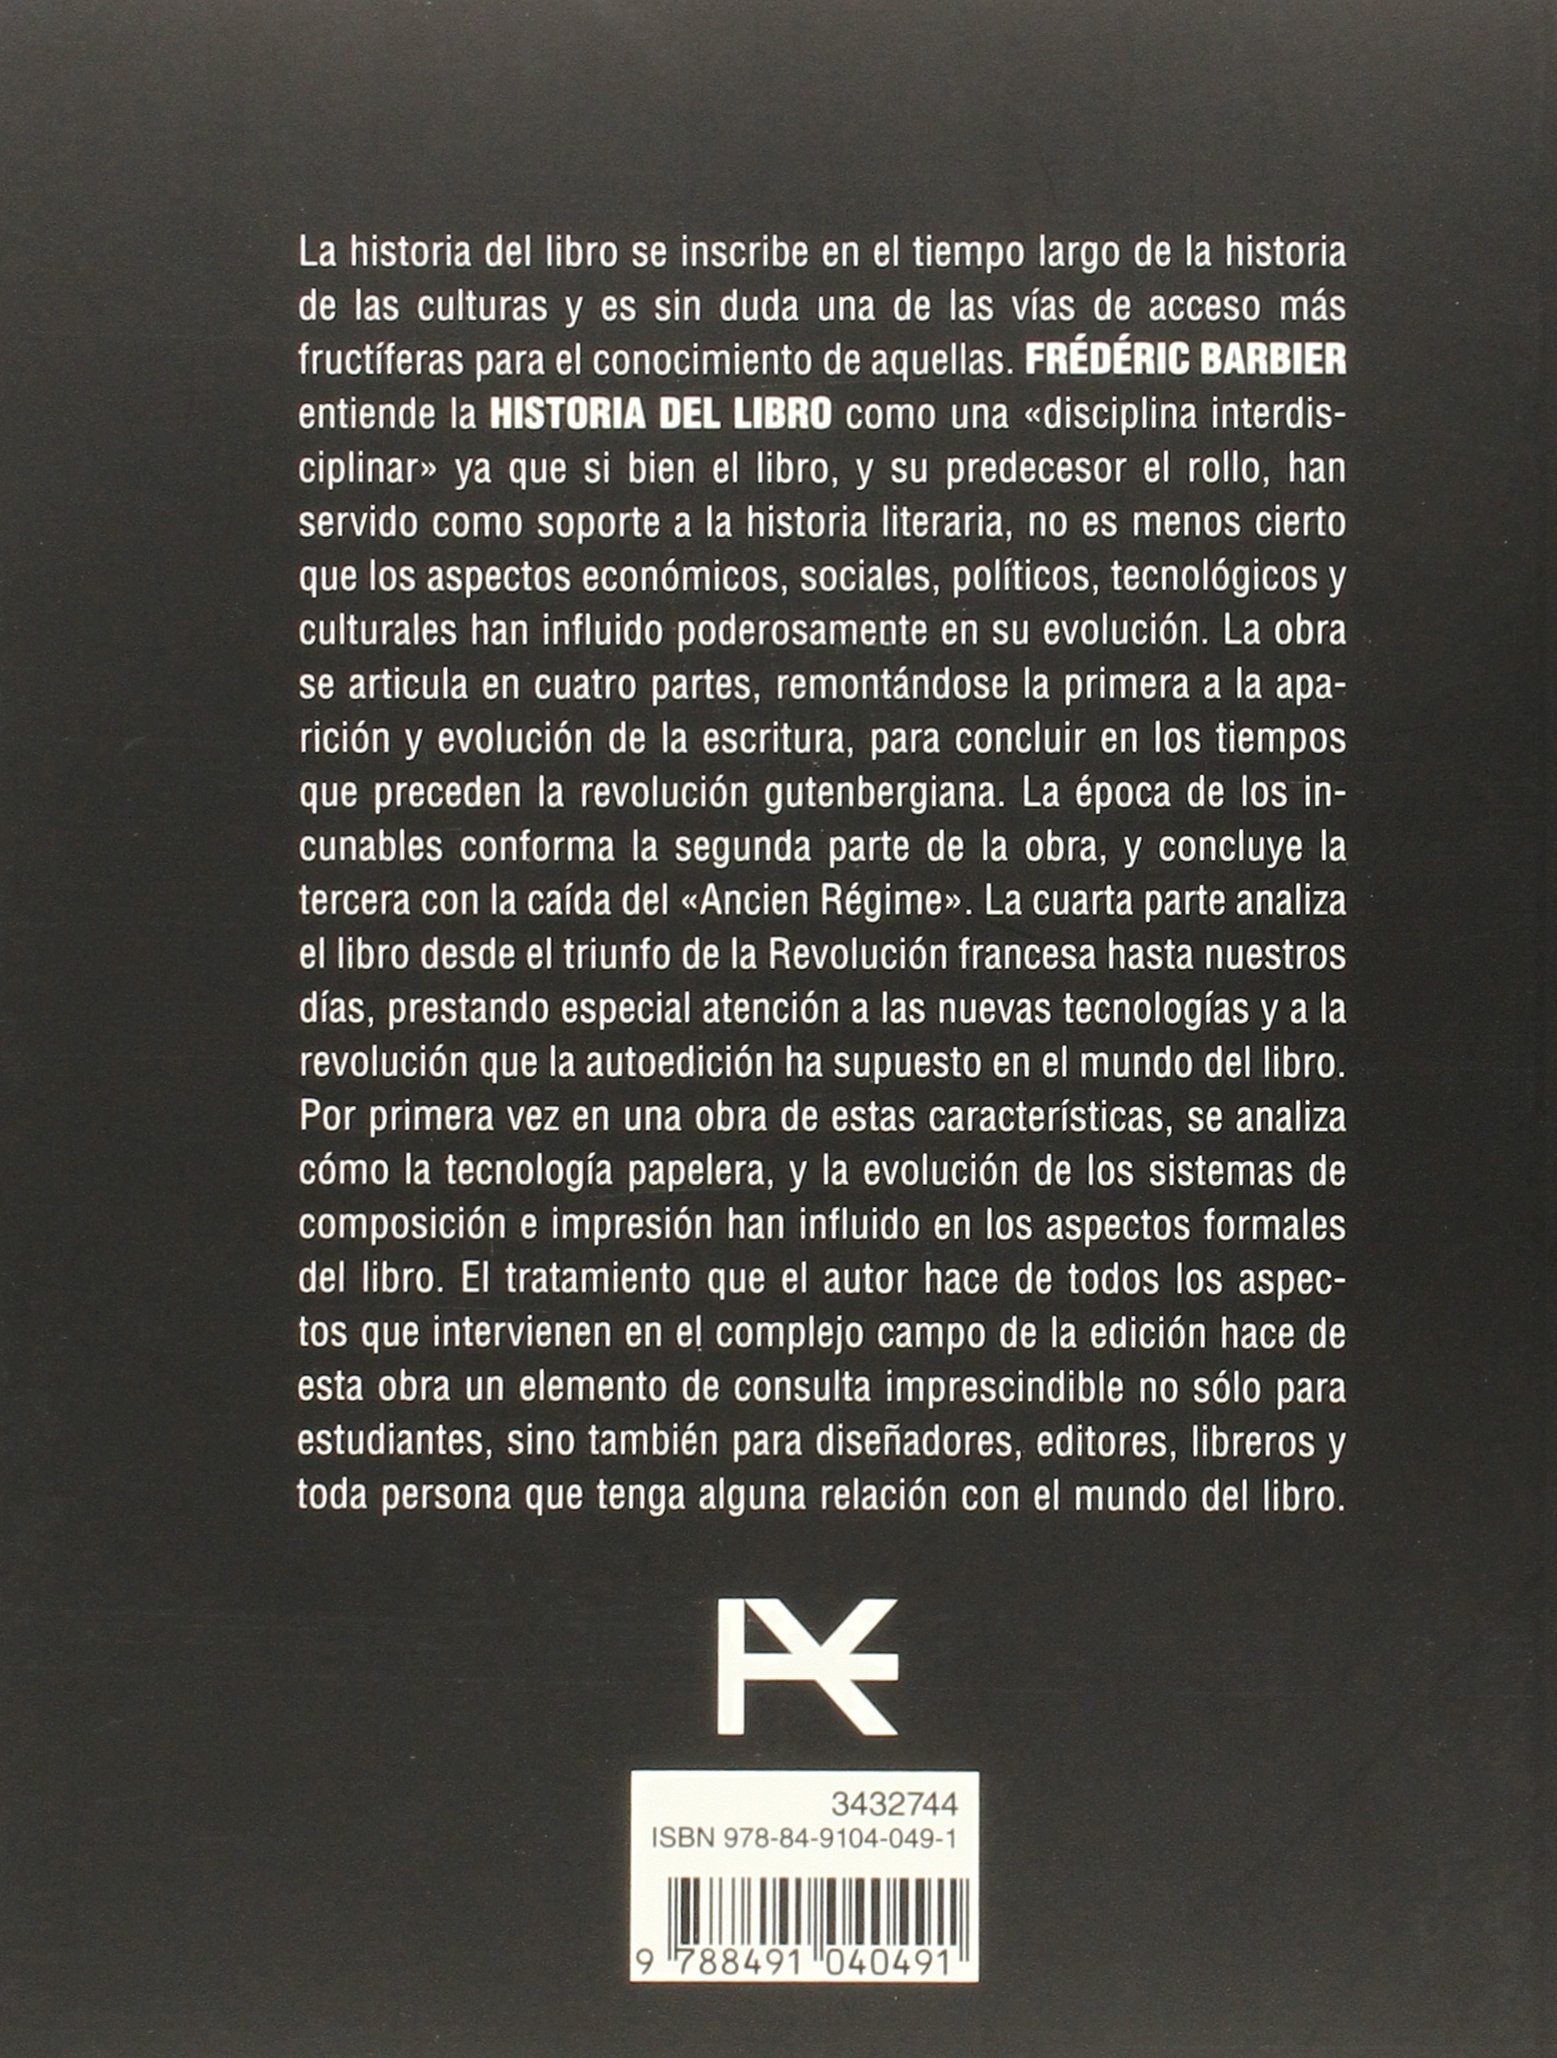 Historia del libro (Libros Singulares (Ls)): Amazon.es: Frédéric Barbier, Patricia Quesada Ramírez: Libros